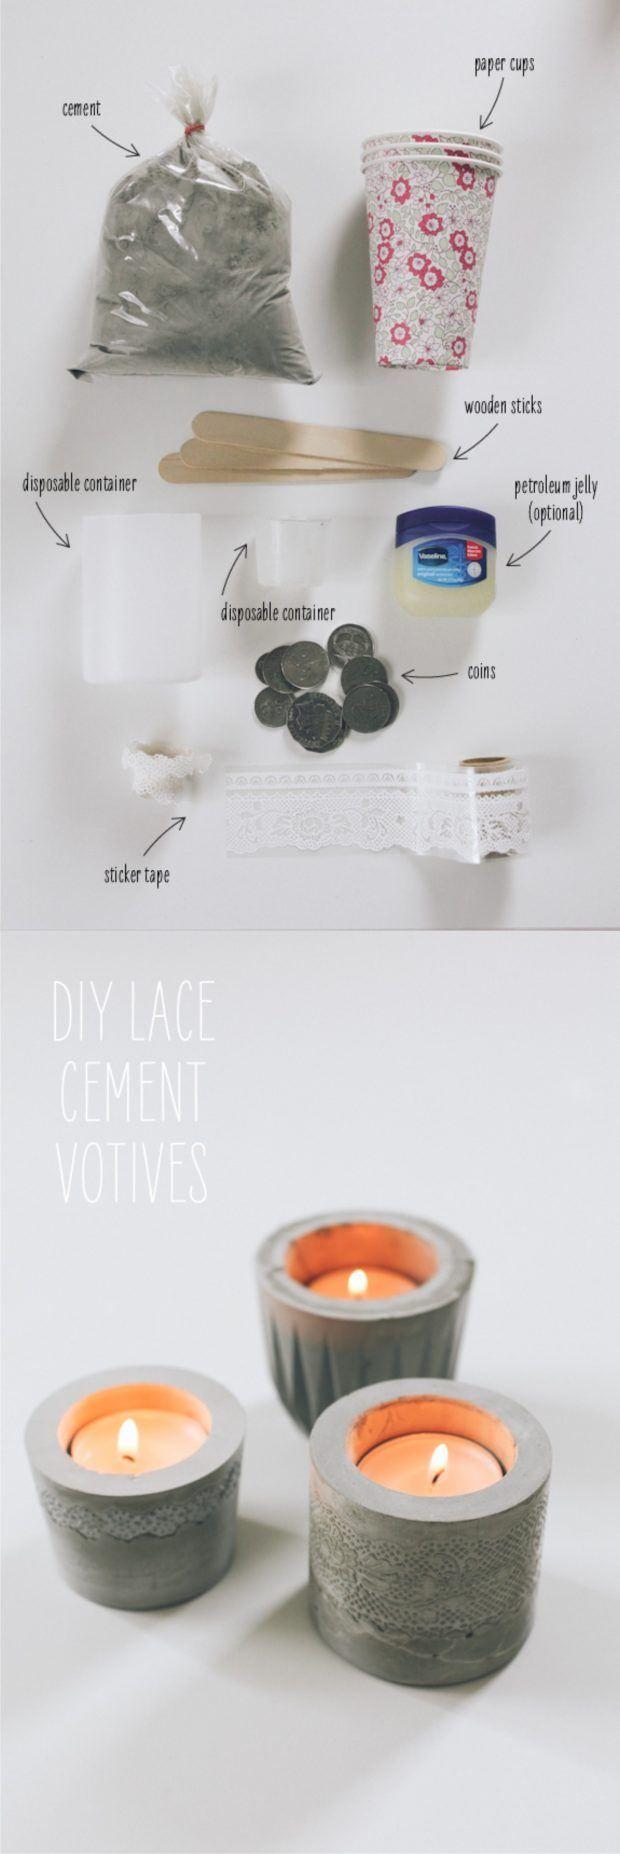 Portavelas de cemento - sayyes.com - DIY Lace Cement Votives